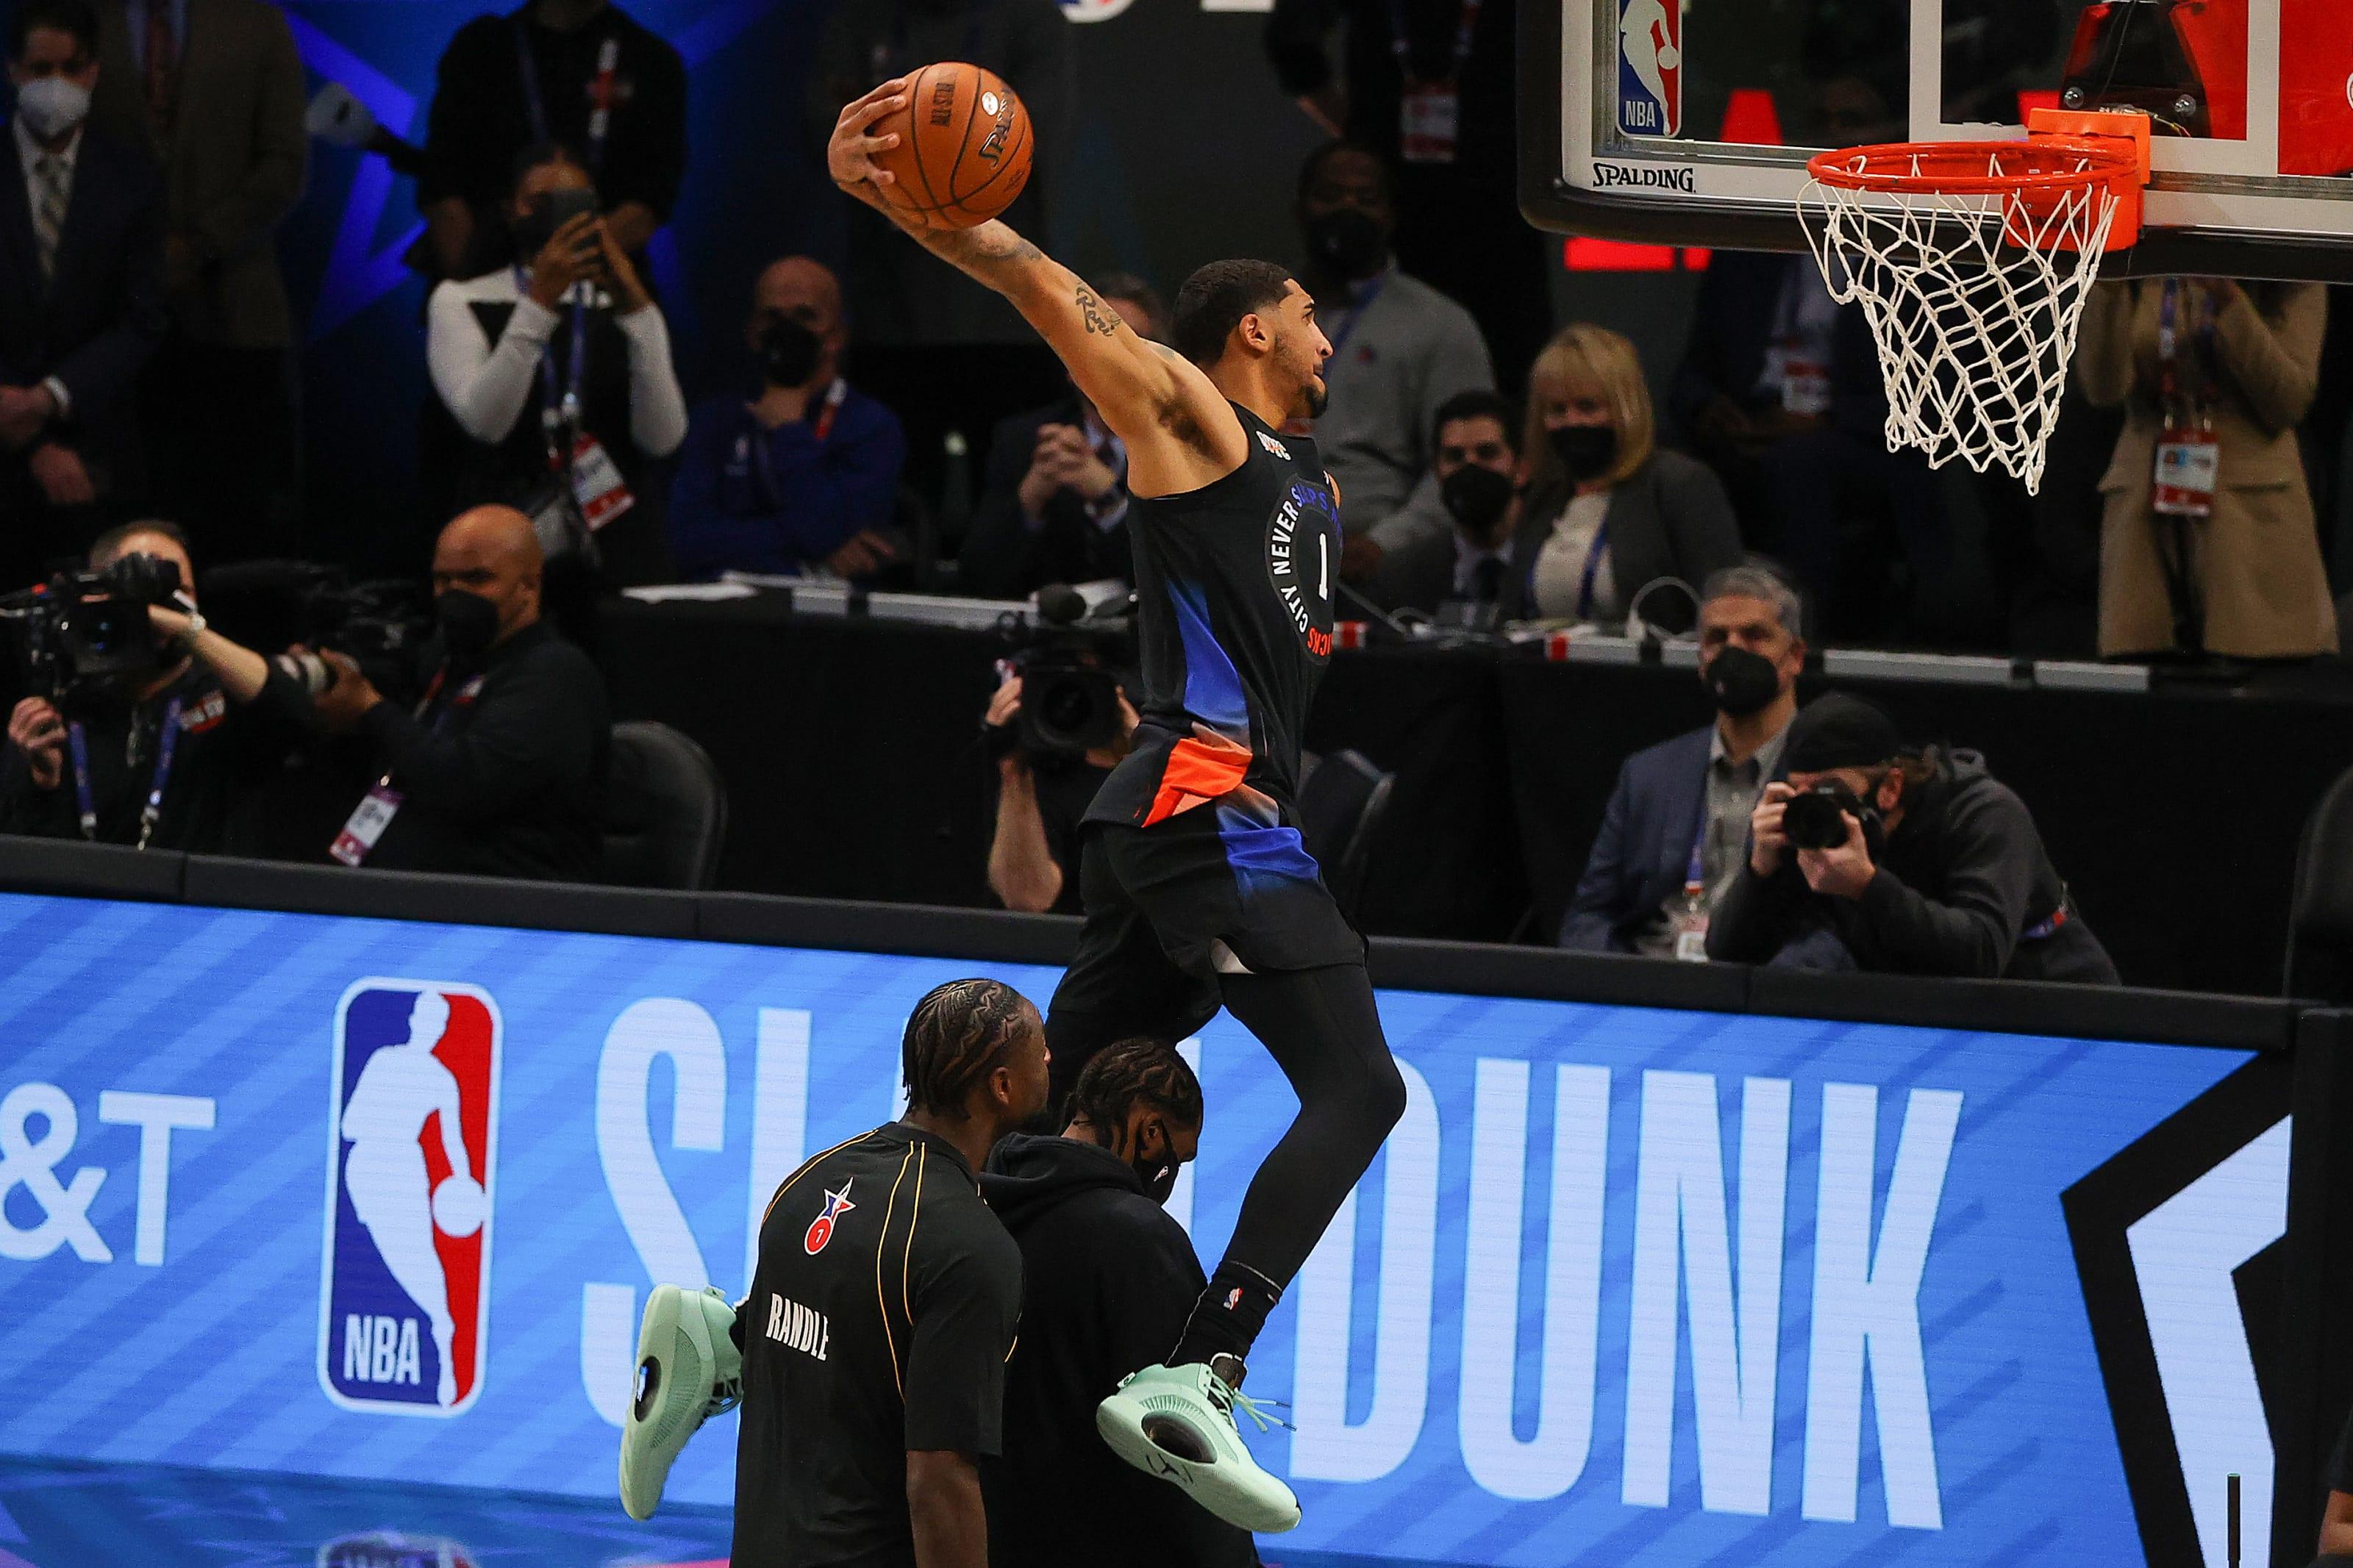 Obi Toppin, NY Knicks